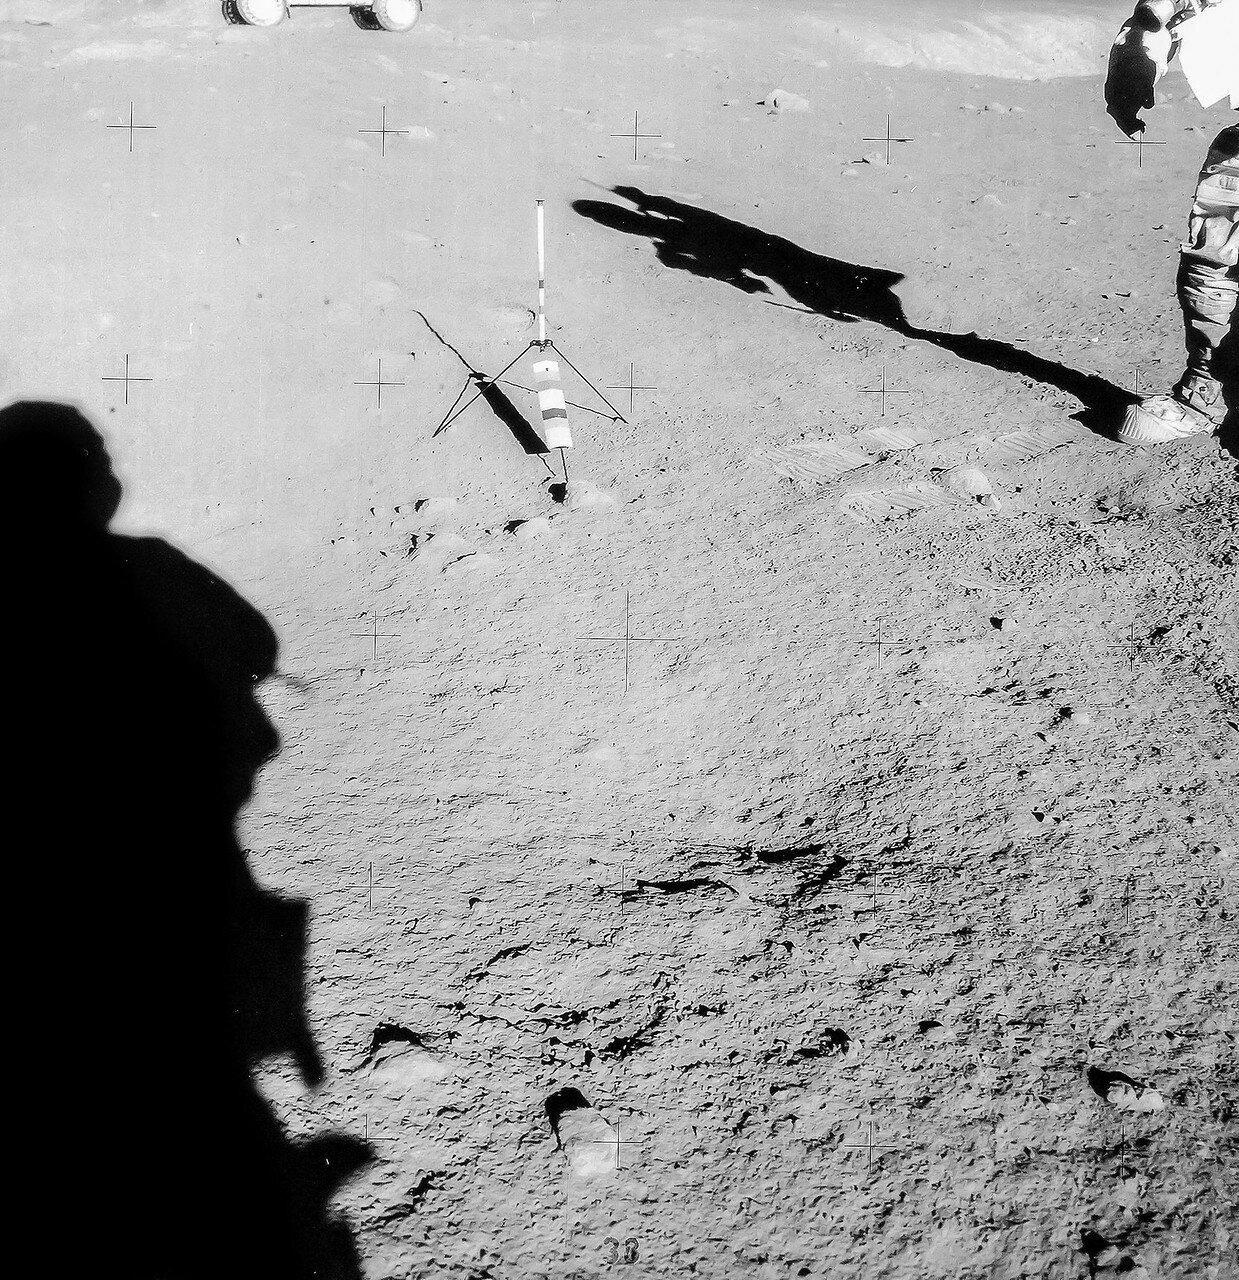 Место первой геологической остановки (Станция 1) было удалено от лунного модуля более, чем на три километра, и тем не менее у Скотта и Ирвина ещё было много кислорода и времени для полевых исследований. На снимке: Станция 1